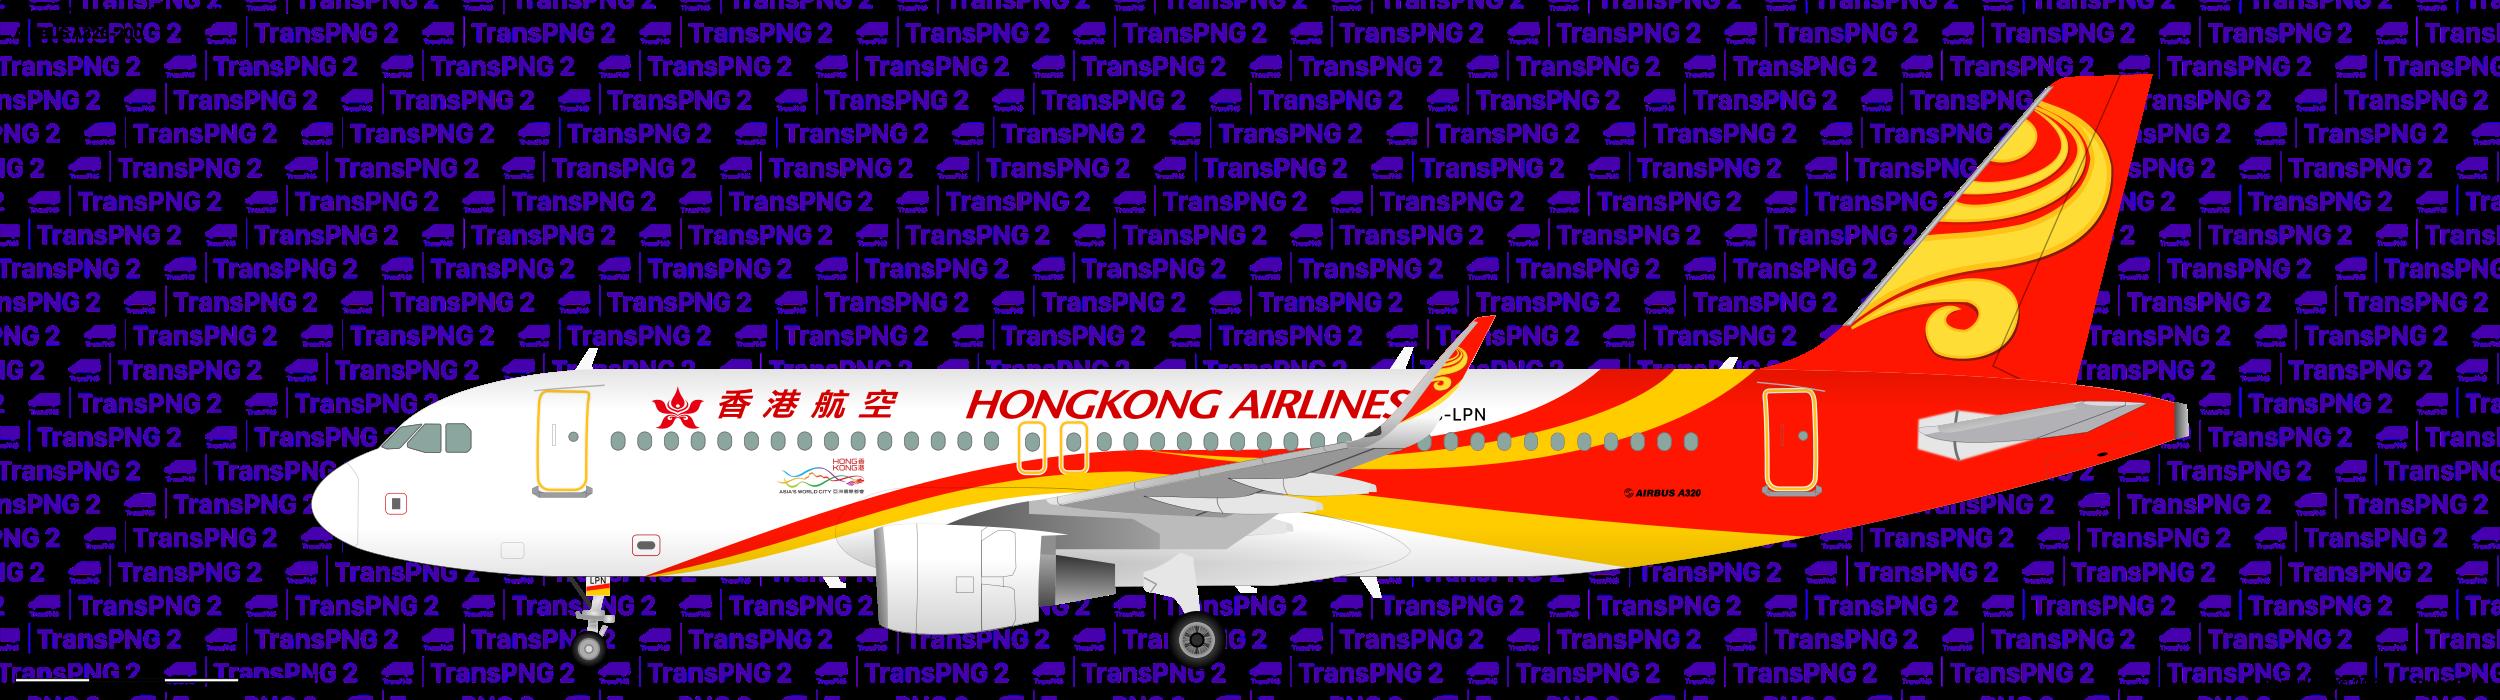 [25109] 香港航空 25109